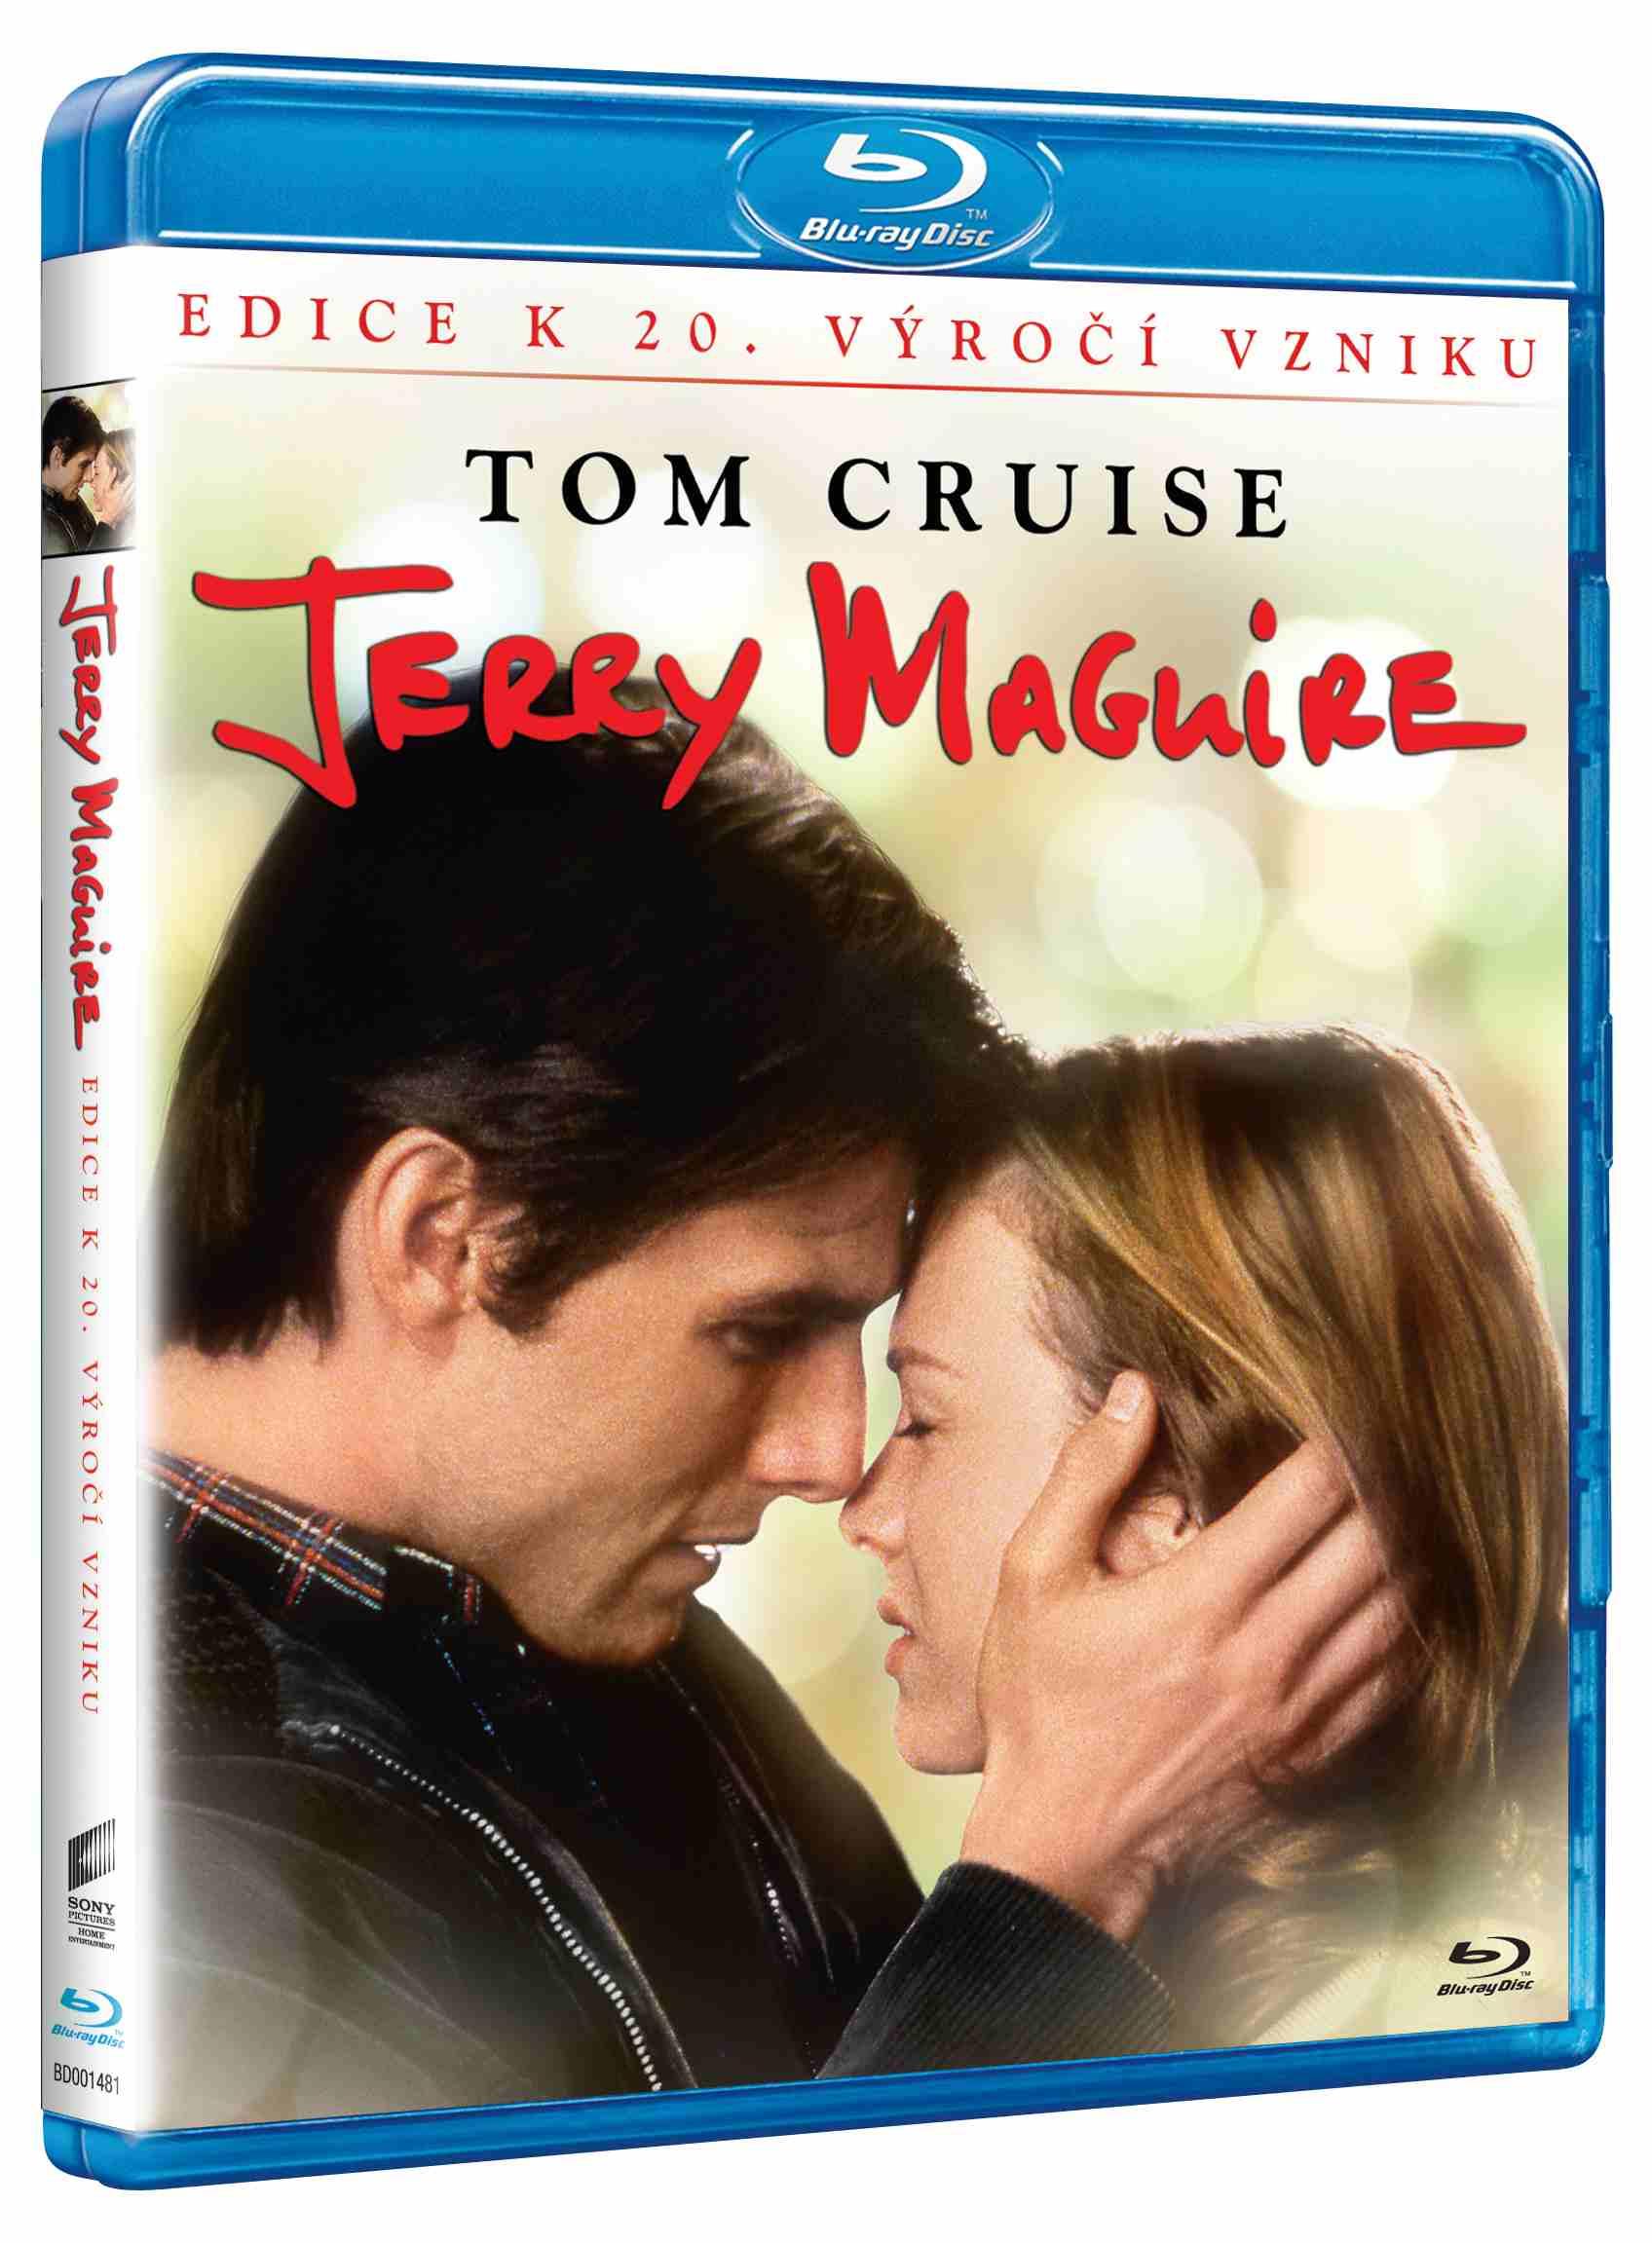 JERRY MAGUIRE (Edice k 20. výročí) - Blu-ray